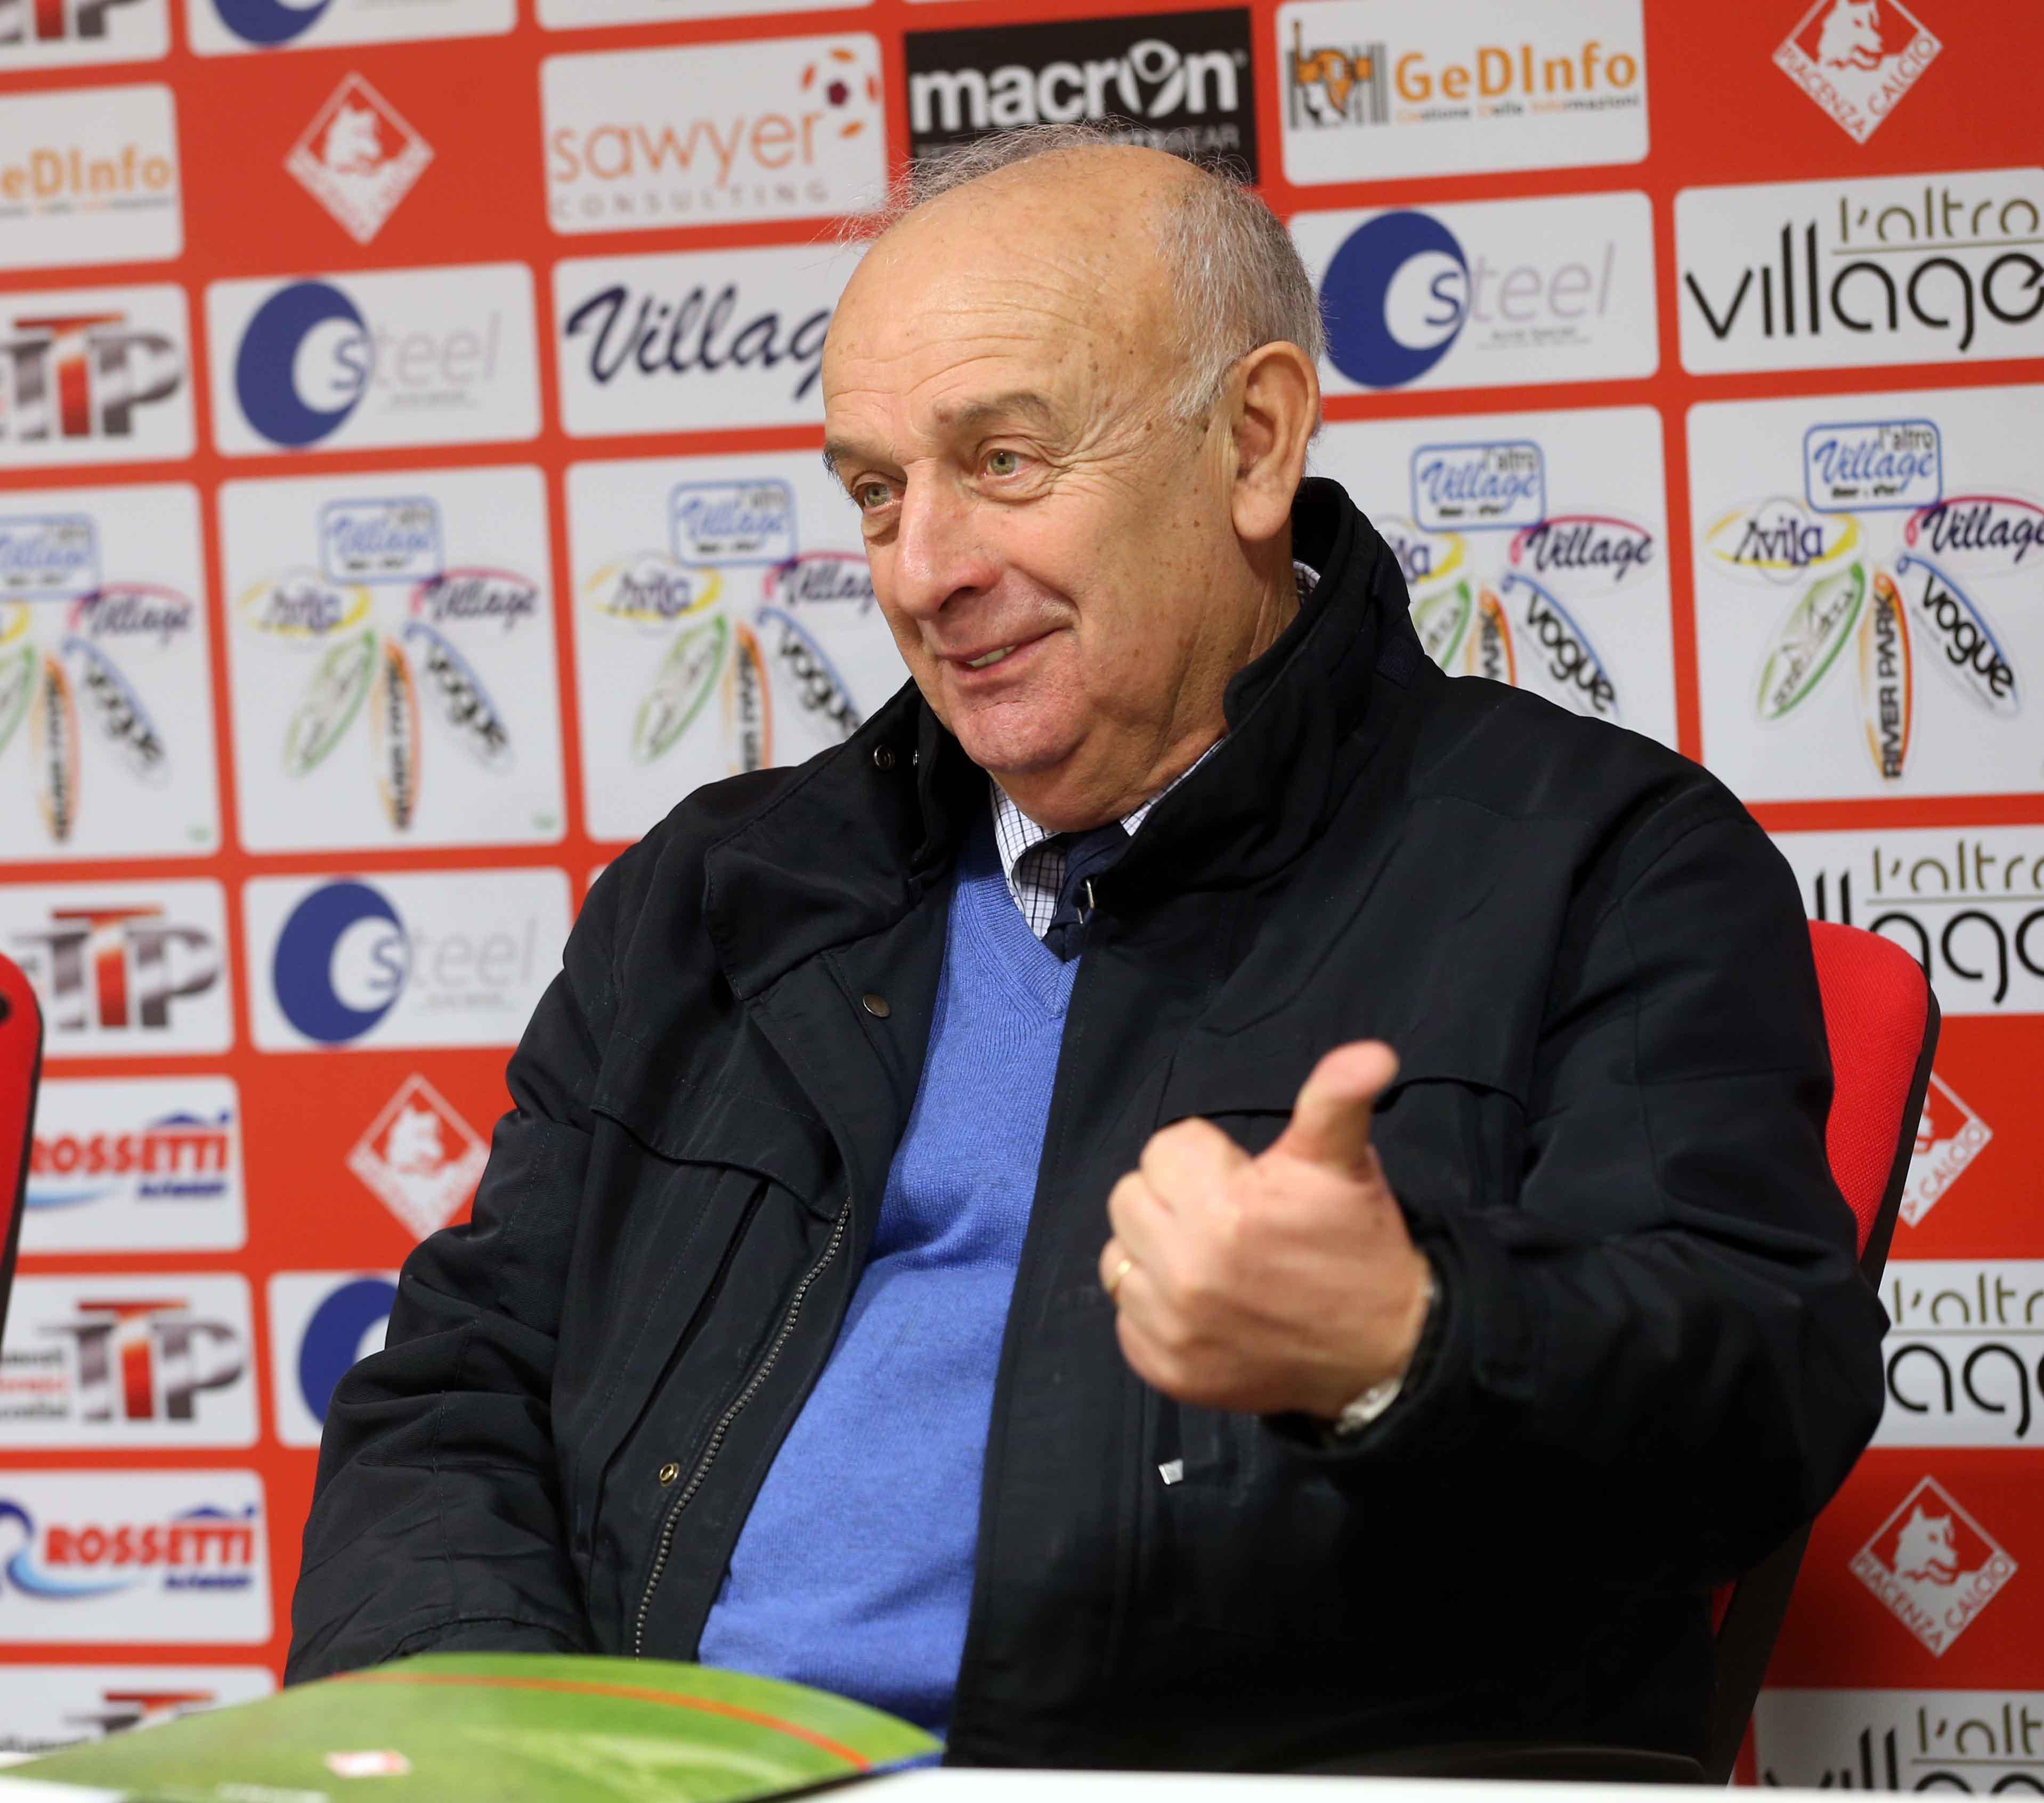 Il ritorno di Gianni Rubini al Piacenza Calcio